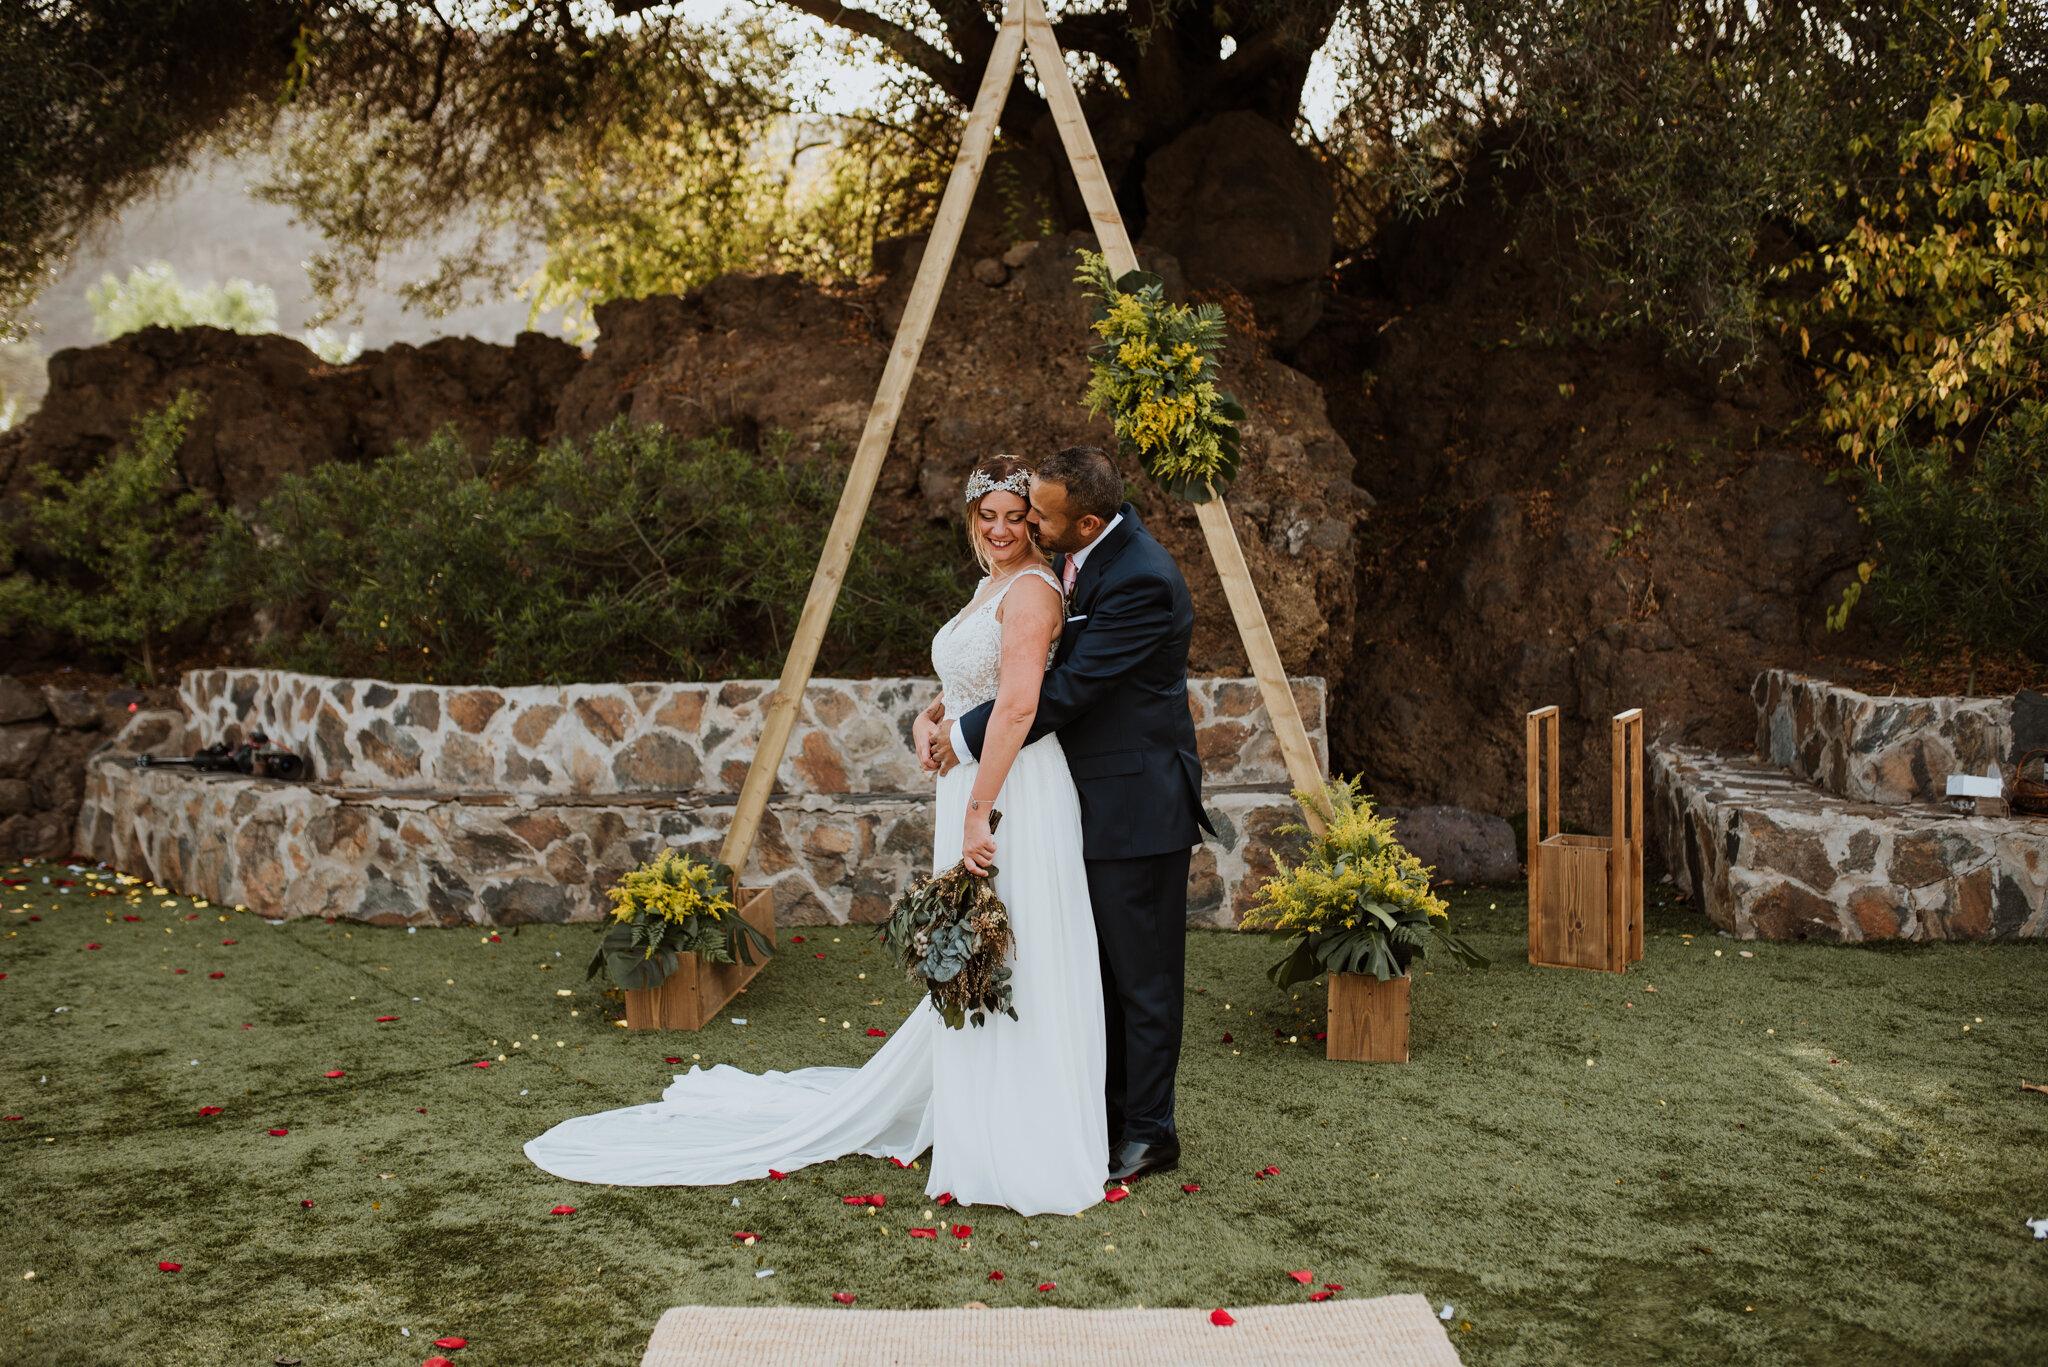 fotografo de bodas las palmas_-94.jpg